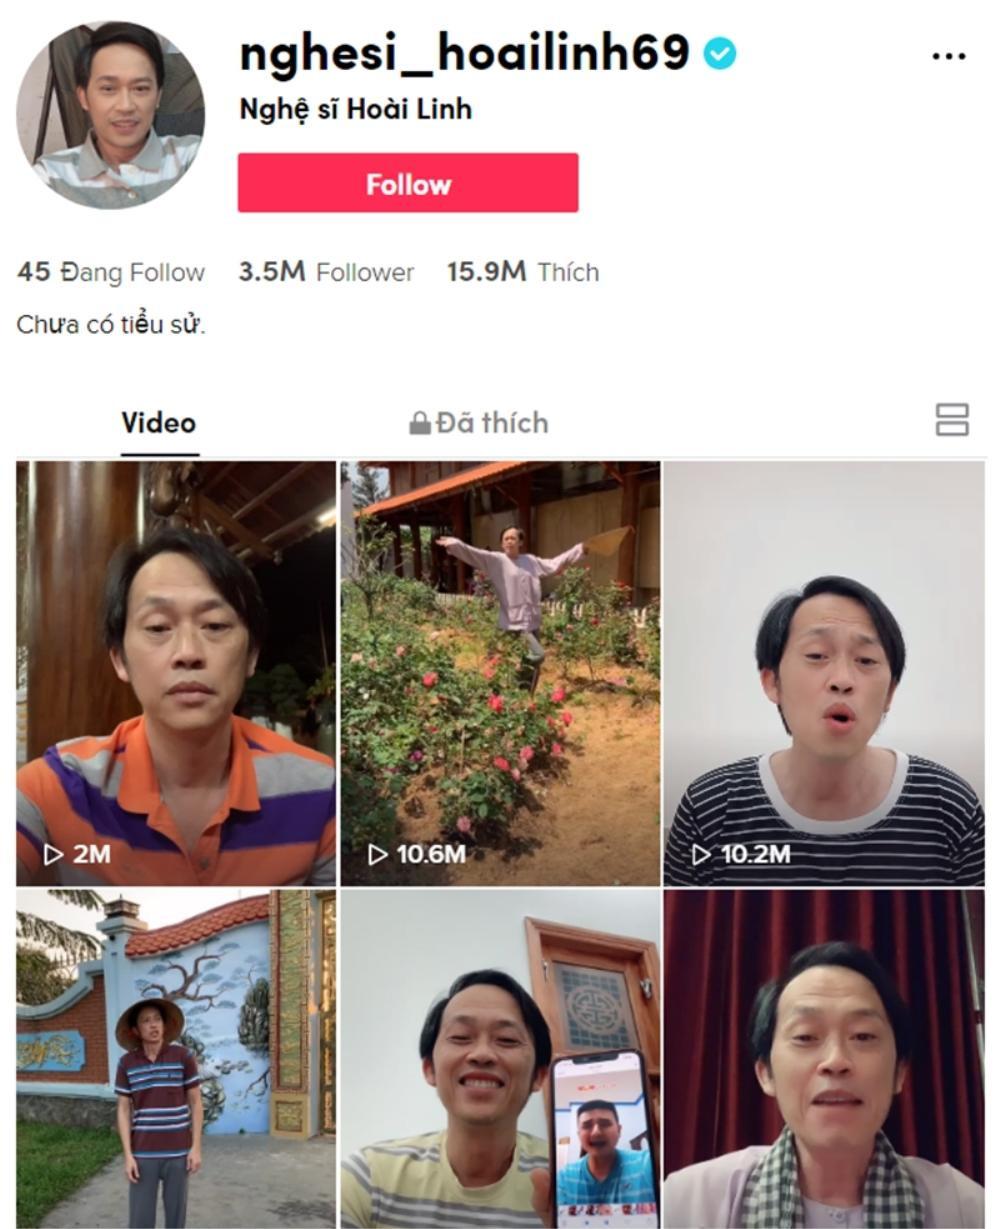 1 tuần lập TikTok, Hoài Linh hốt 100 triệu view, bỏ xa Sơn Tùng - Hương Giang: Đẳng cấp danh hài quốc dân Ảnh 1